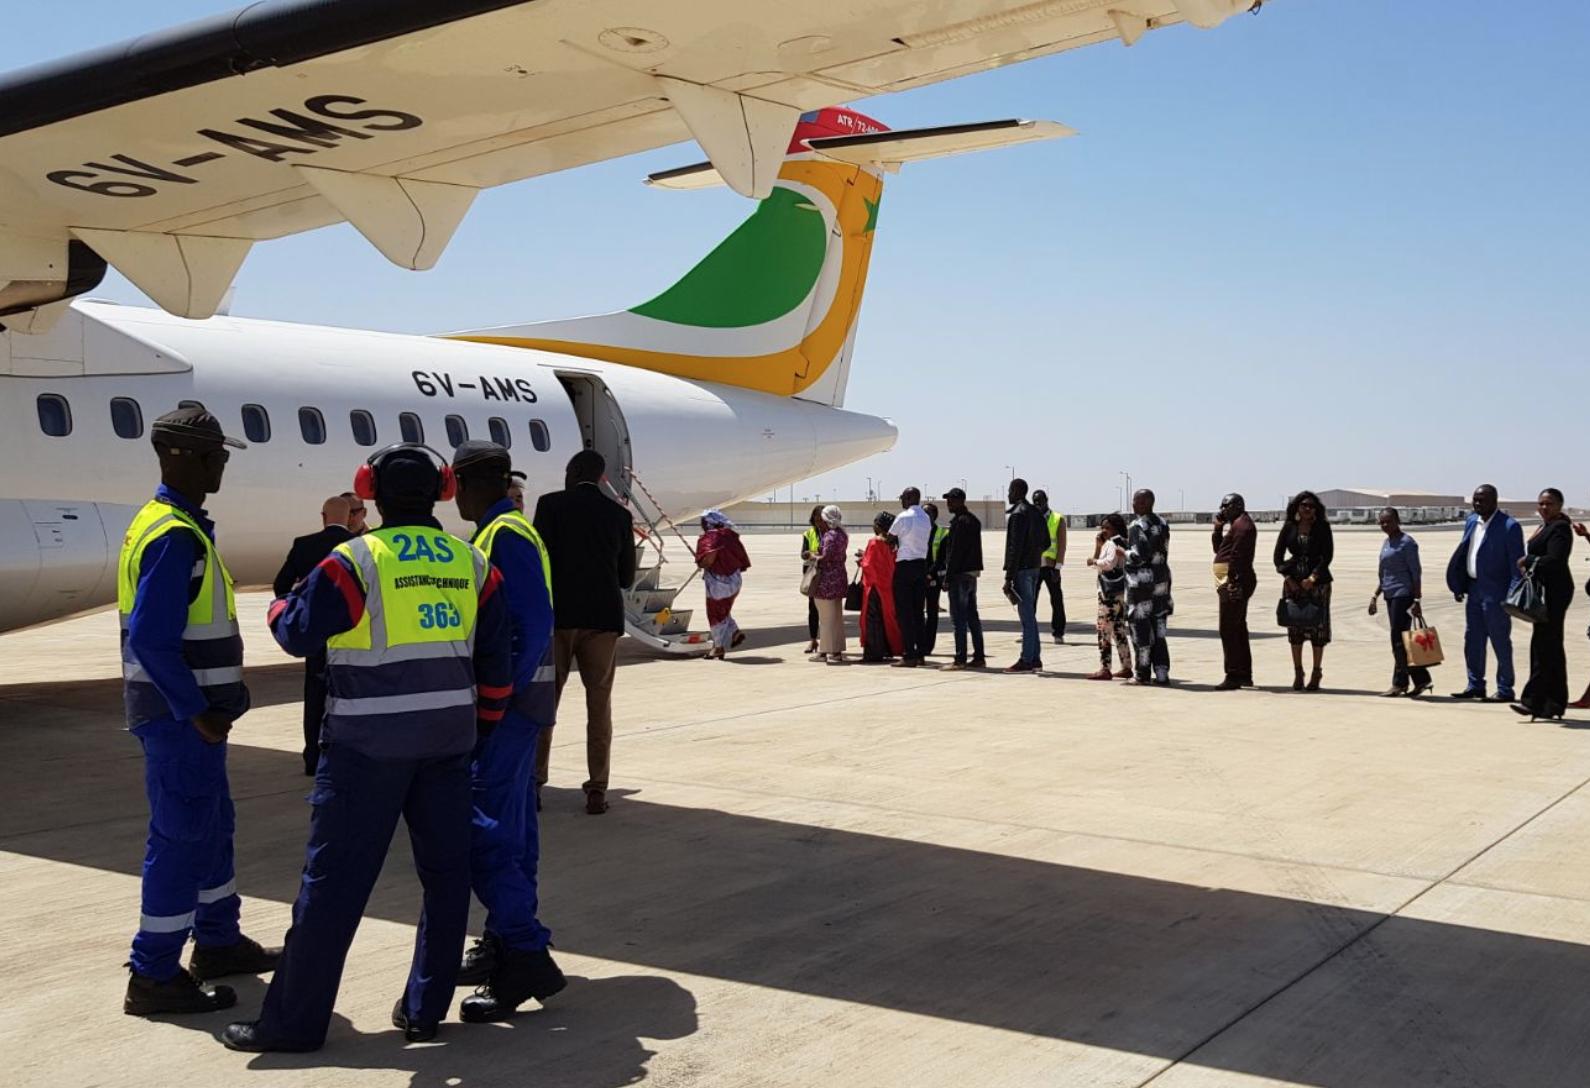 Certaines stratégies protectionnistes, comme au Sénégal, freinent toujours la mise en place du marché aérien unique en Afrique © Air Sénégal